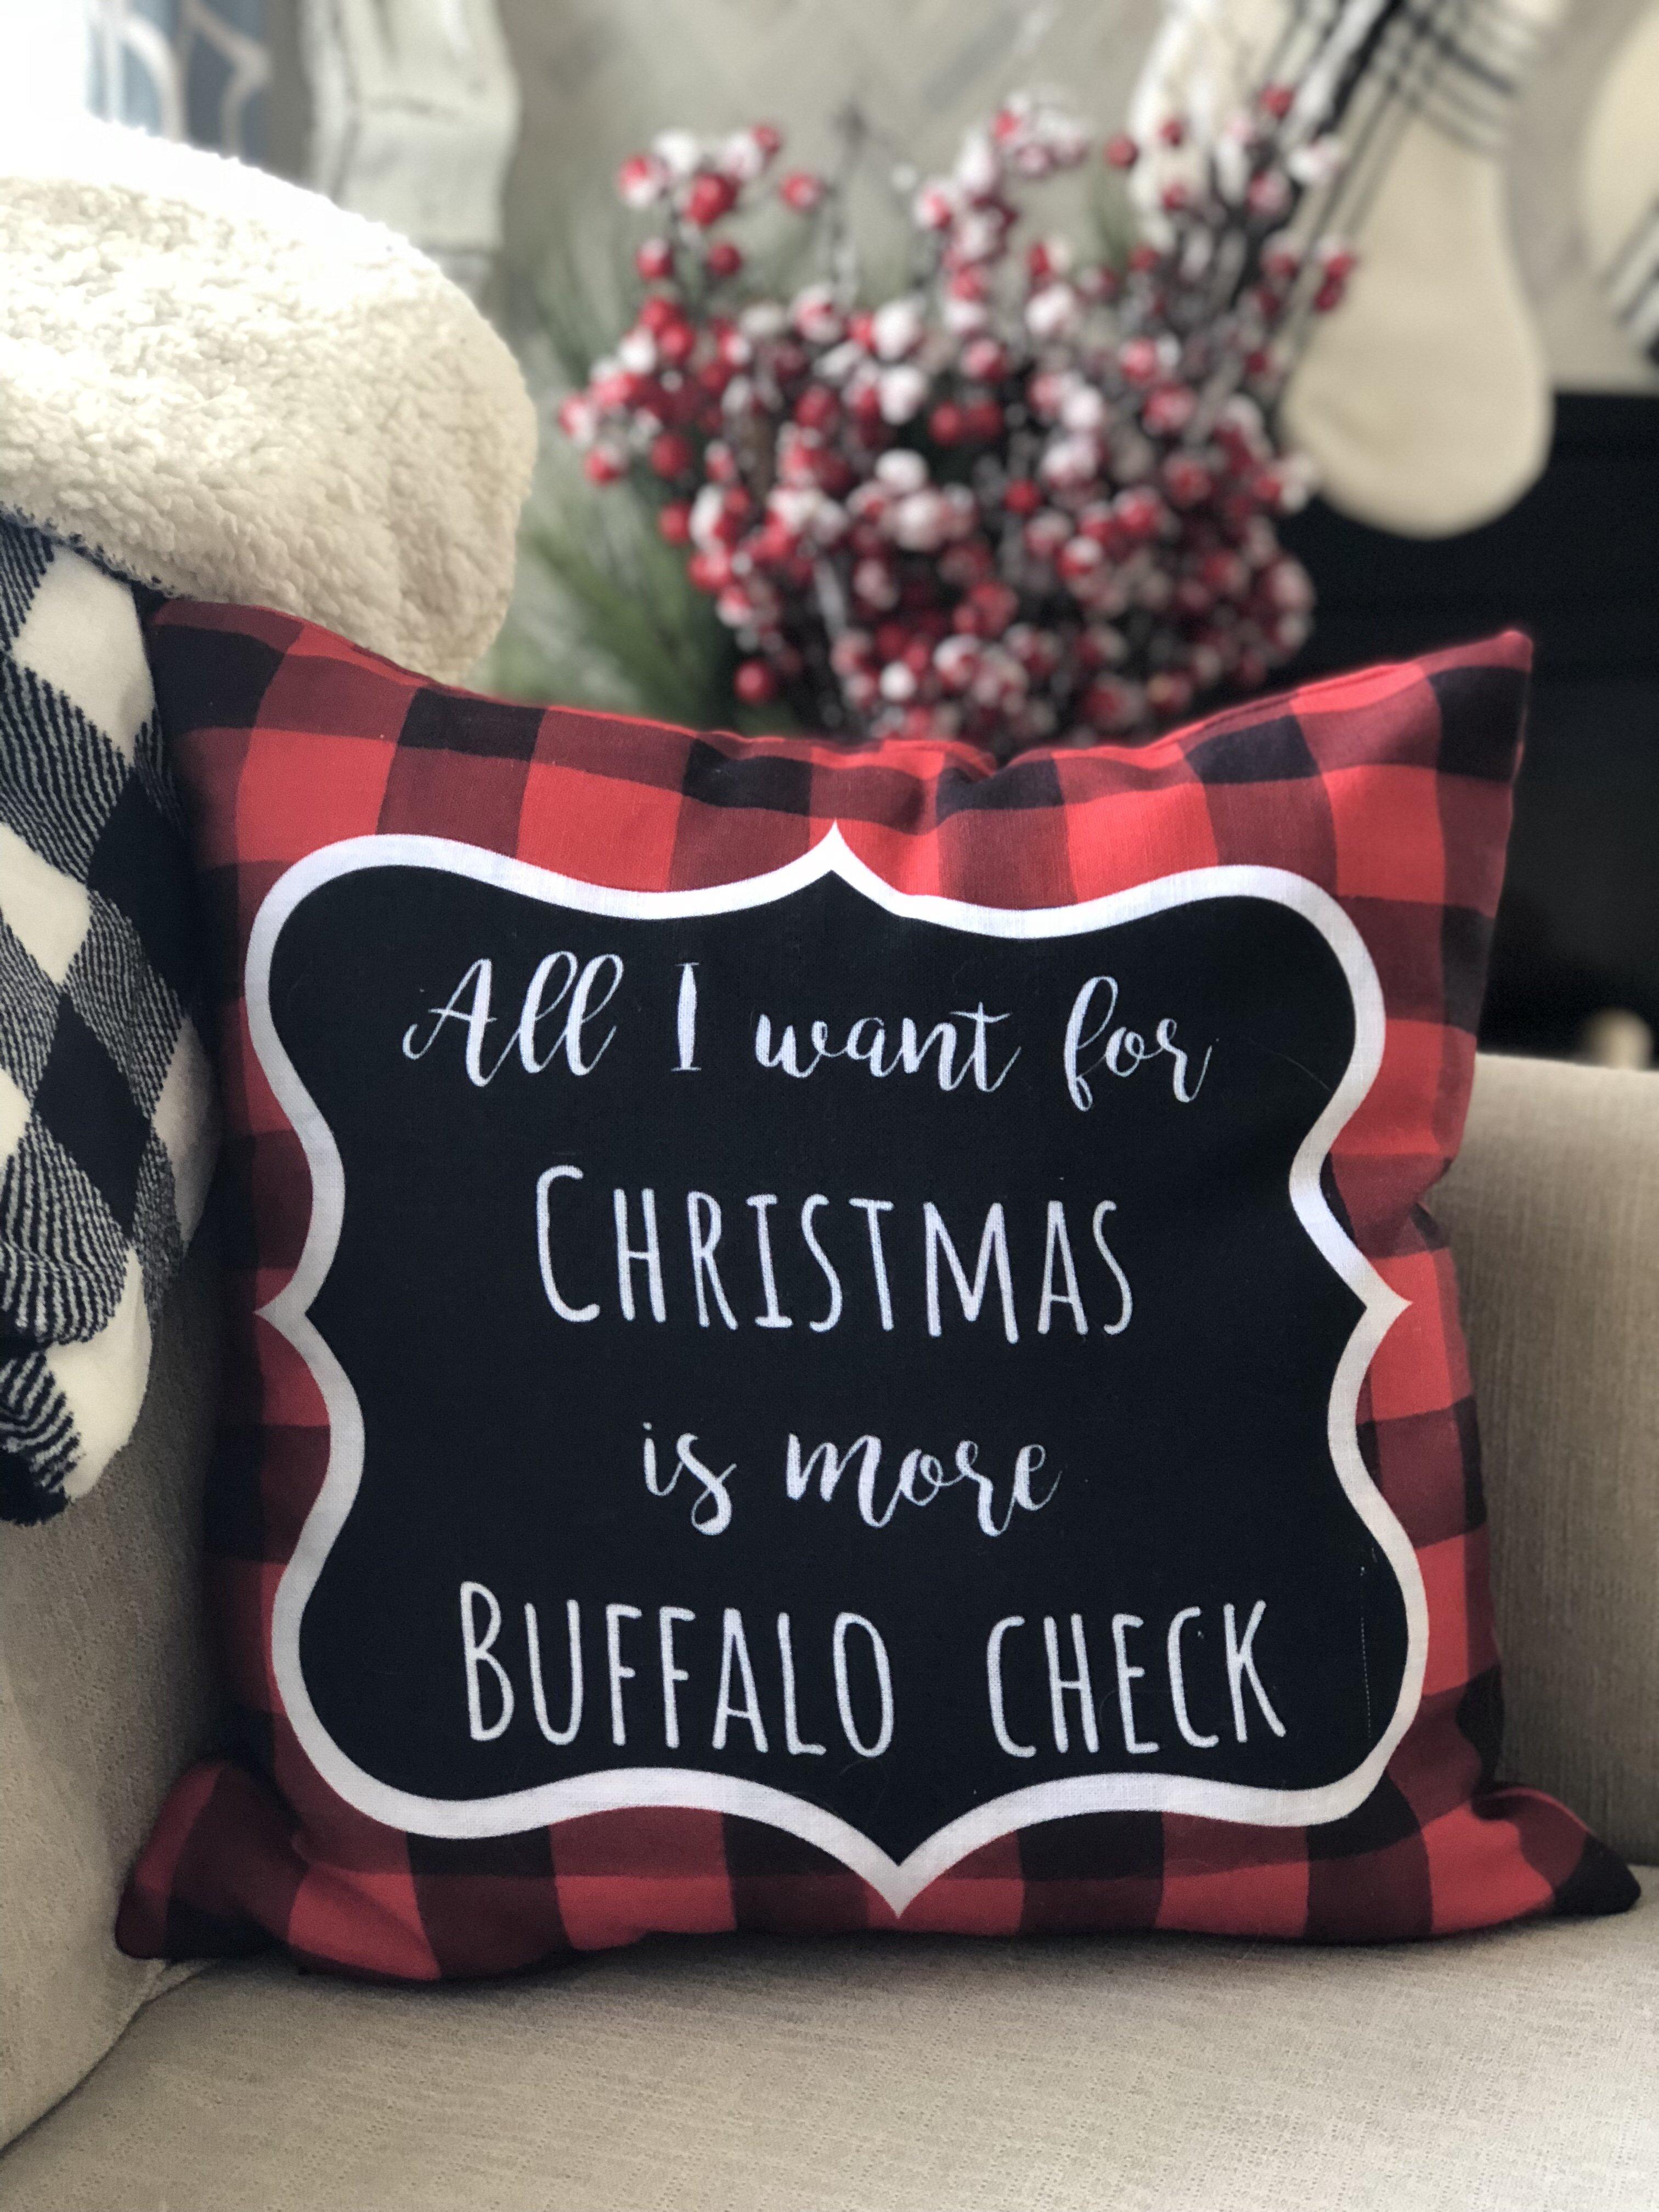 All I Want For Christmas.Buffalo Check Pillow Cover All I Want For Christmas Is Buffalo Check